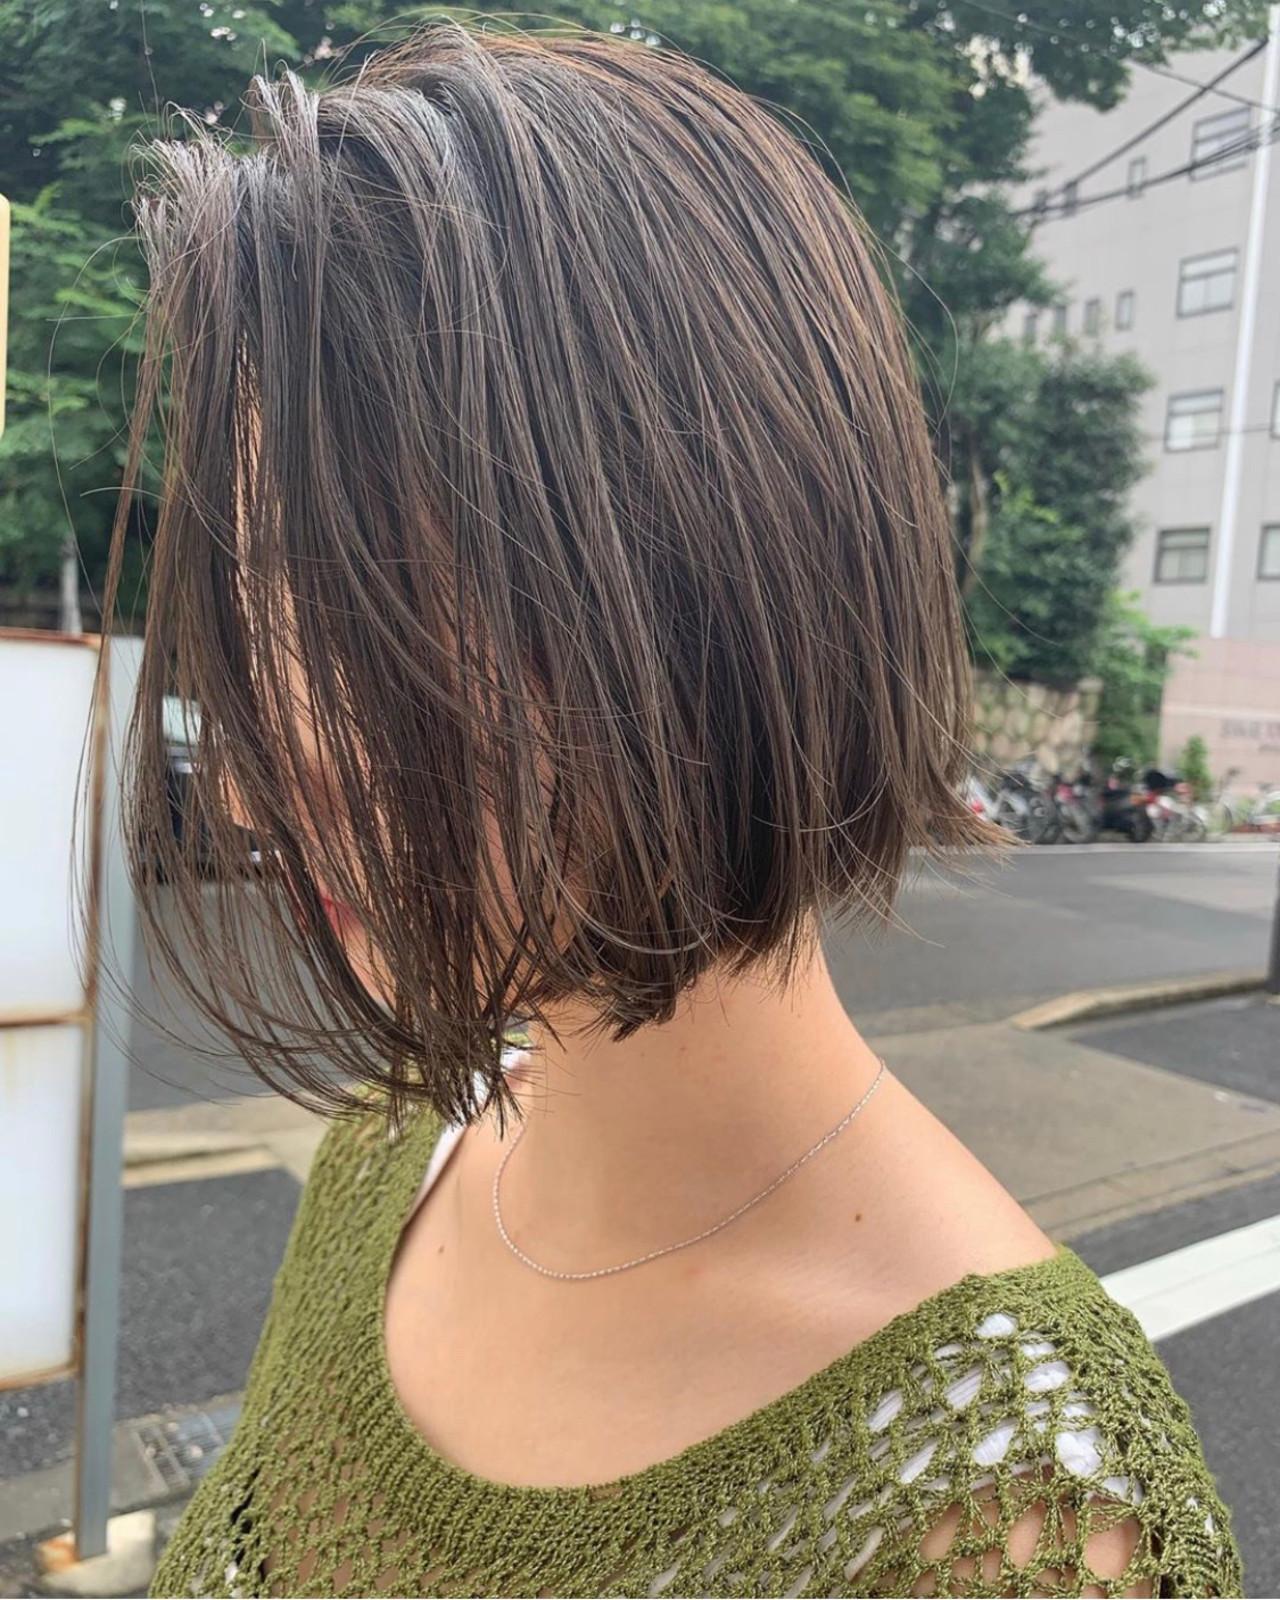 ナチュラル ボブ 切りっぱなしボブ ショートヘア ヘアスタイルや髪型の写真・画像 | KENTO.NOESALON / NOE SALON